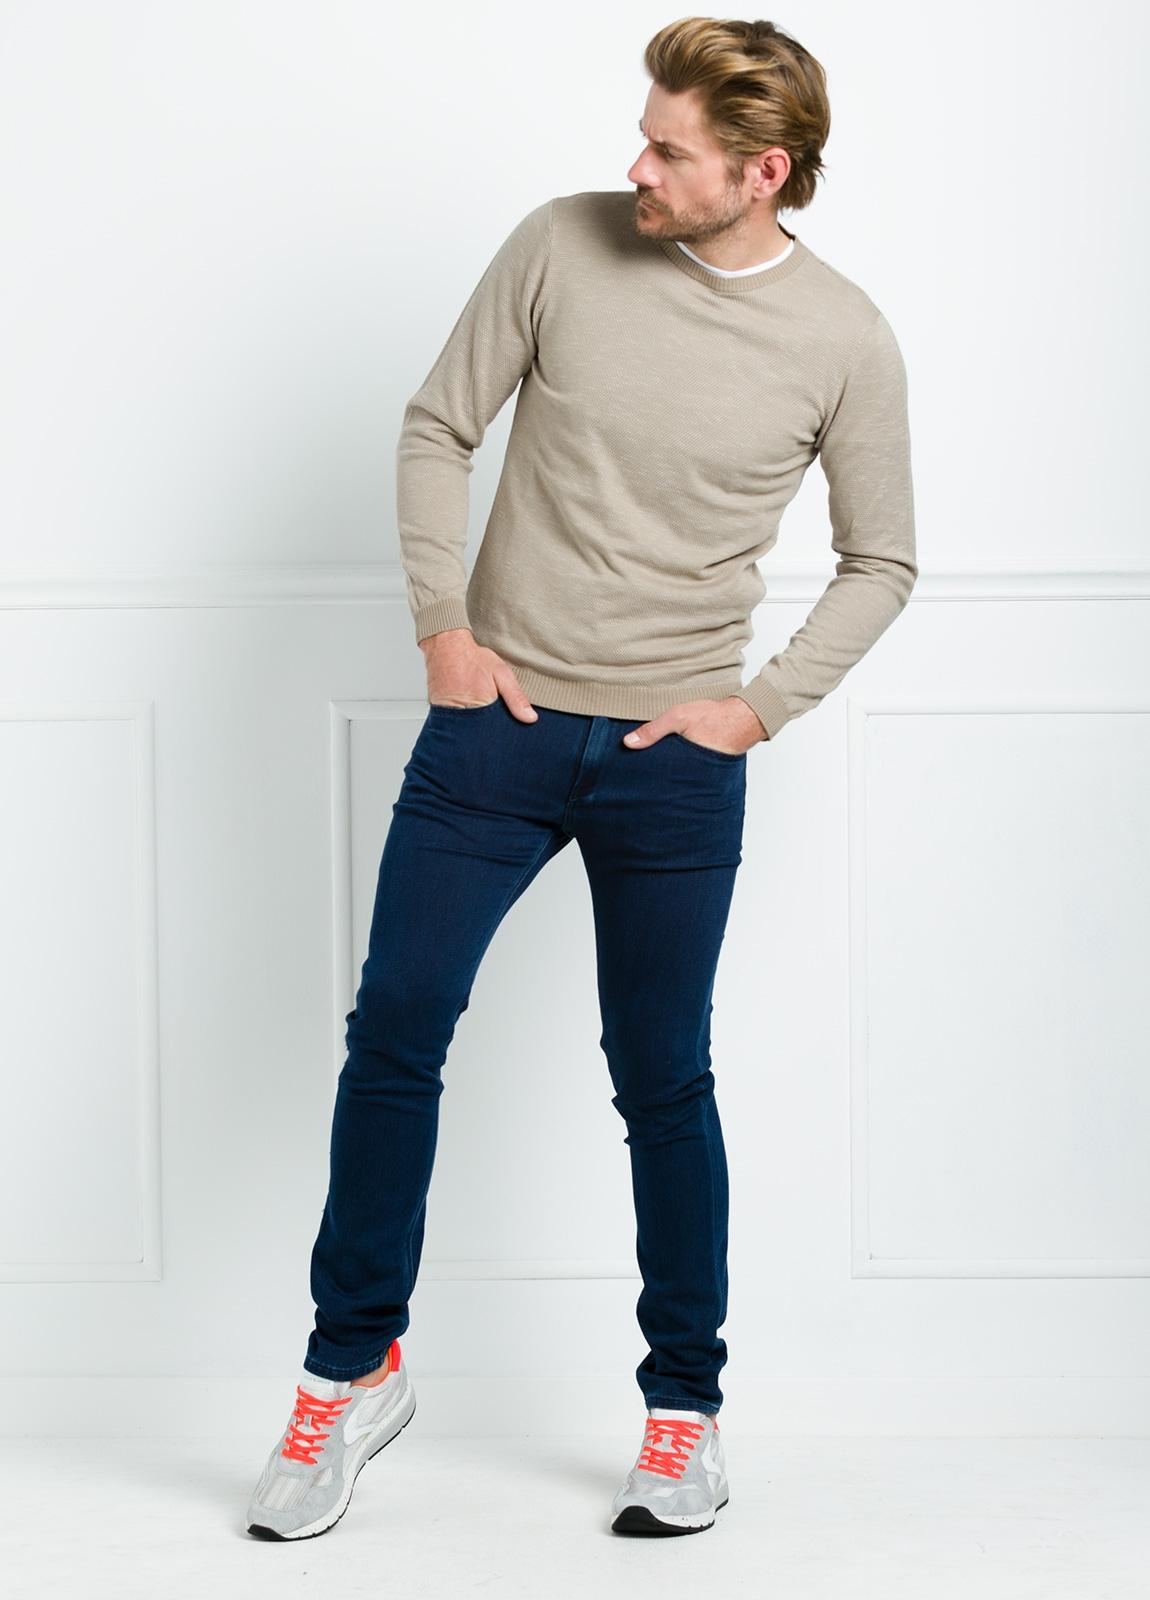 Jersey cuello redondo color beige. 100% Algodón - Ítem4